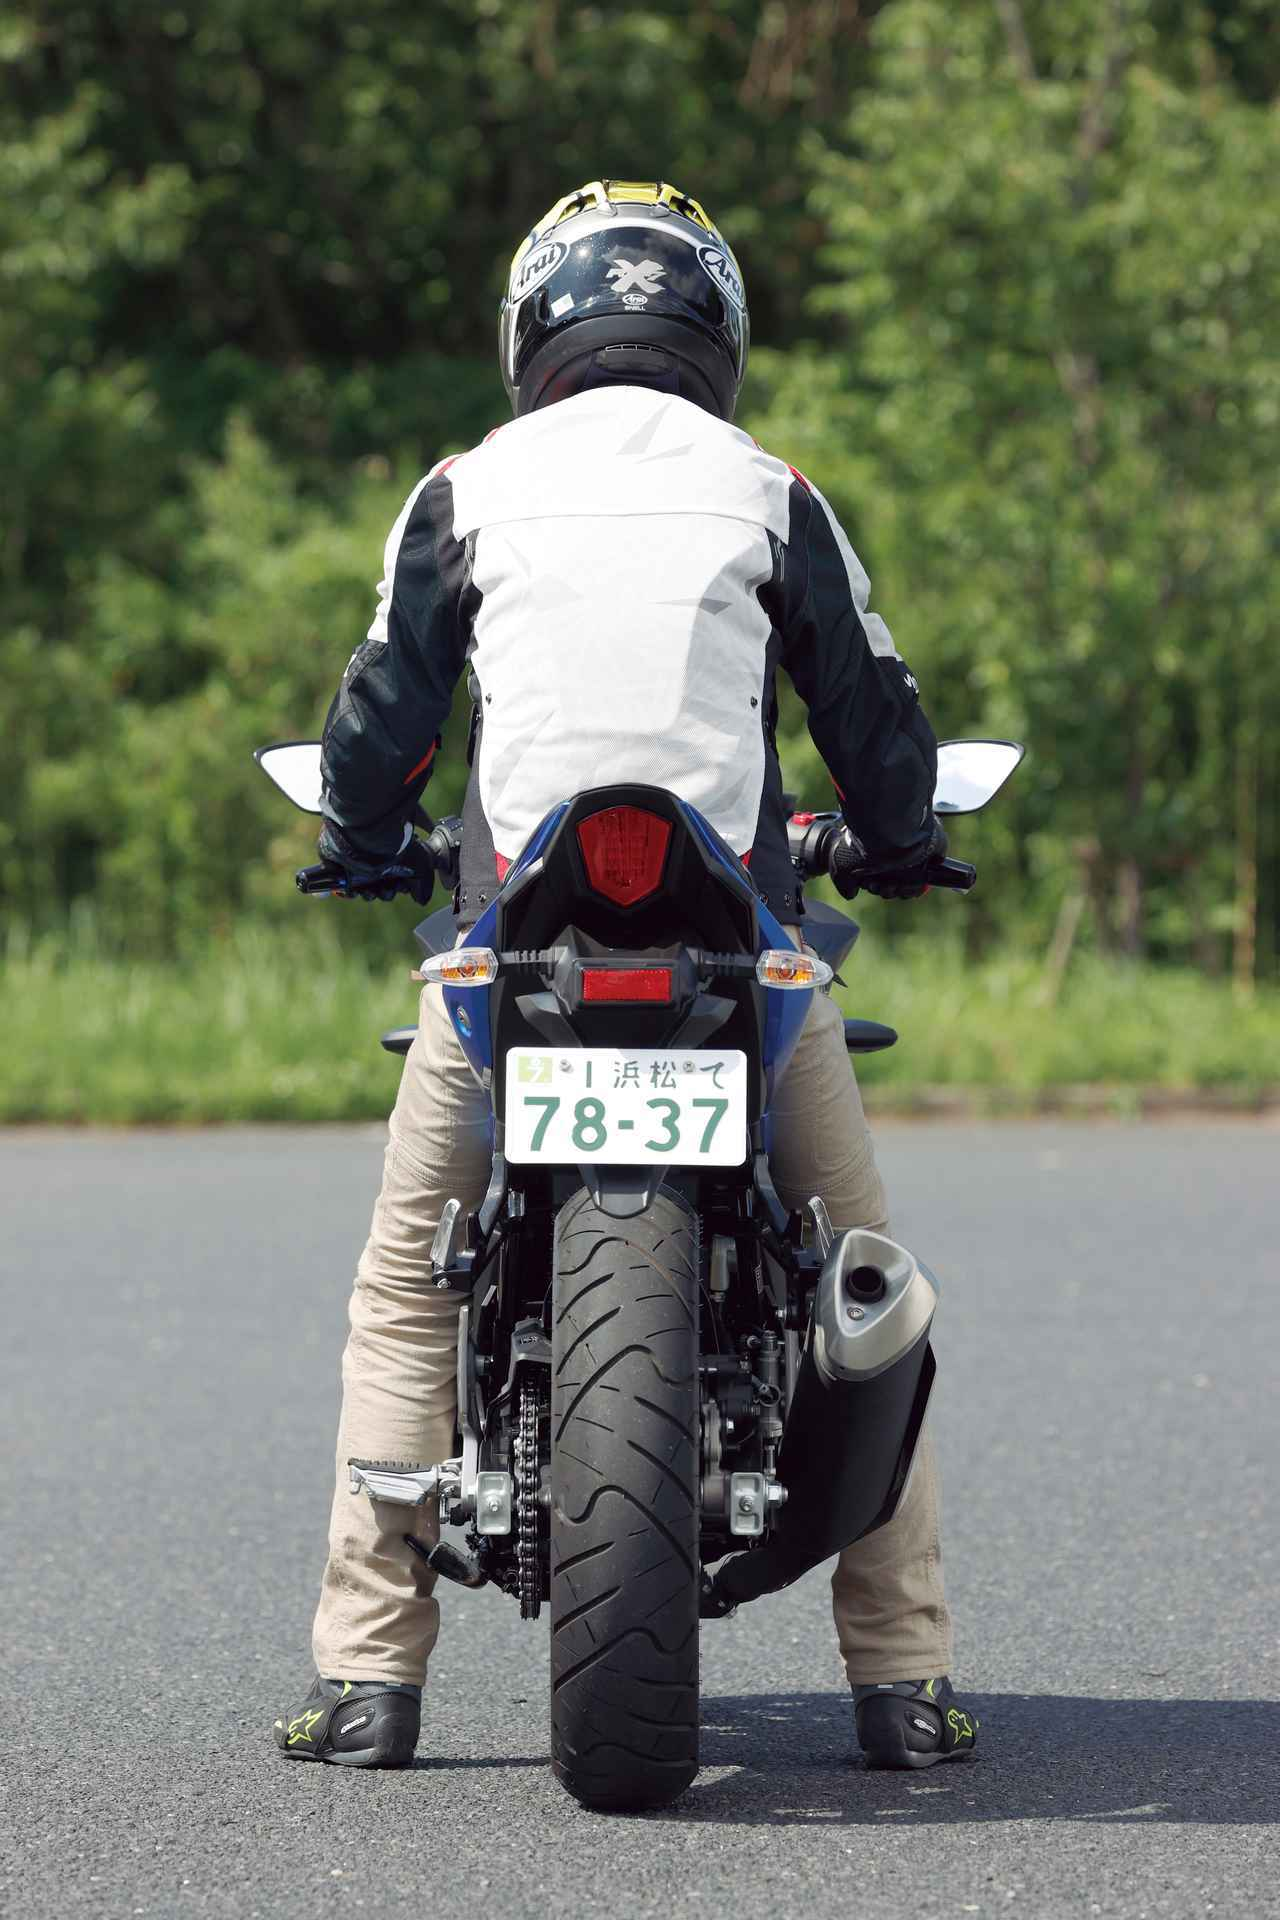 画像9: 【投票してね】4台の足つき性とライポジを比較! あなたが好きな250ccスポーツバイクはどれ? カワサキNinja250・ヤマハYZF-R25・スズキGSX250R・ホンダCBR250RR